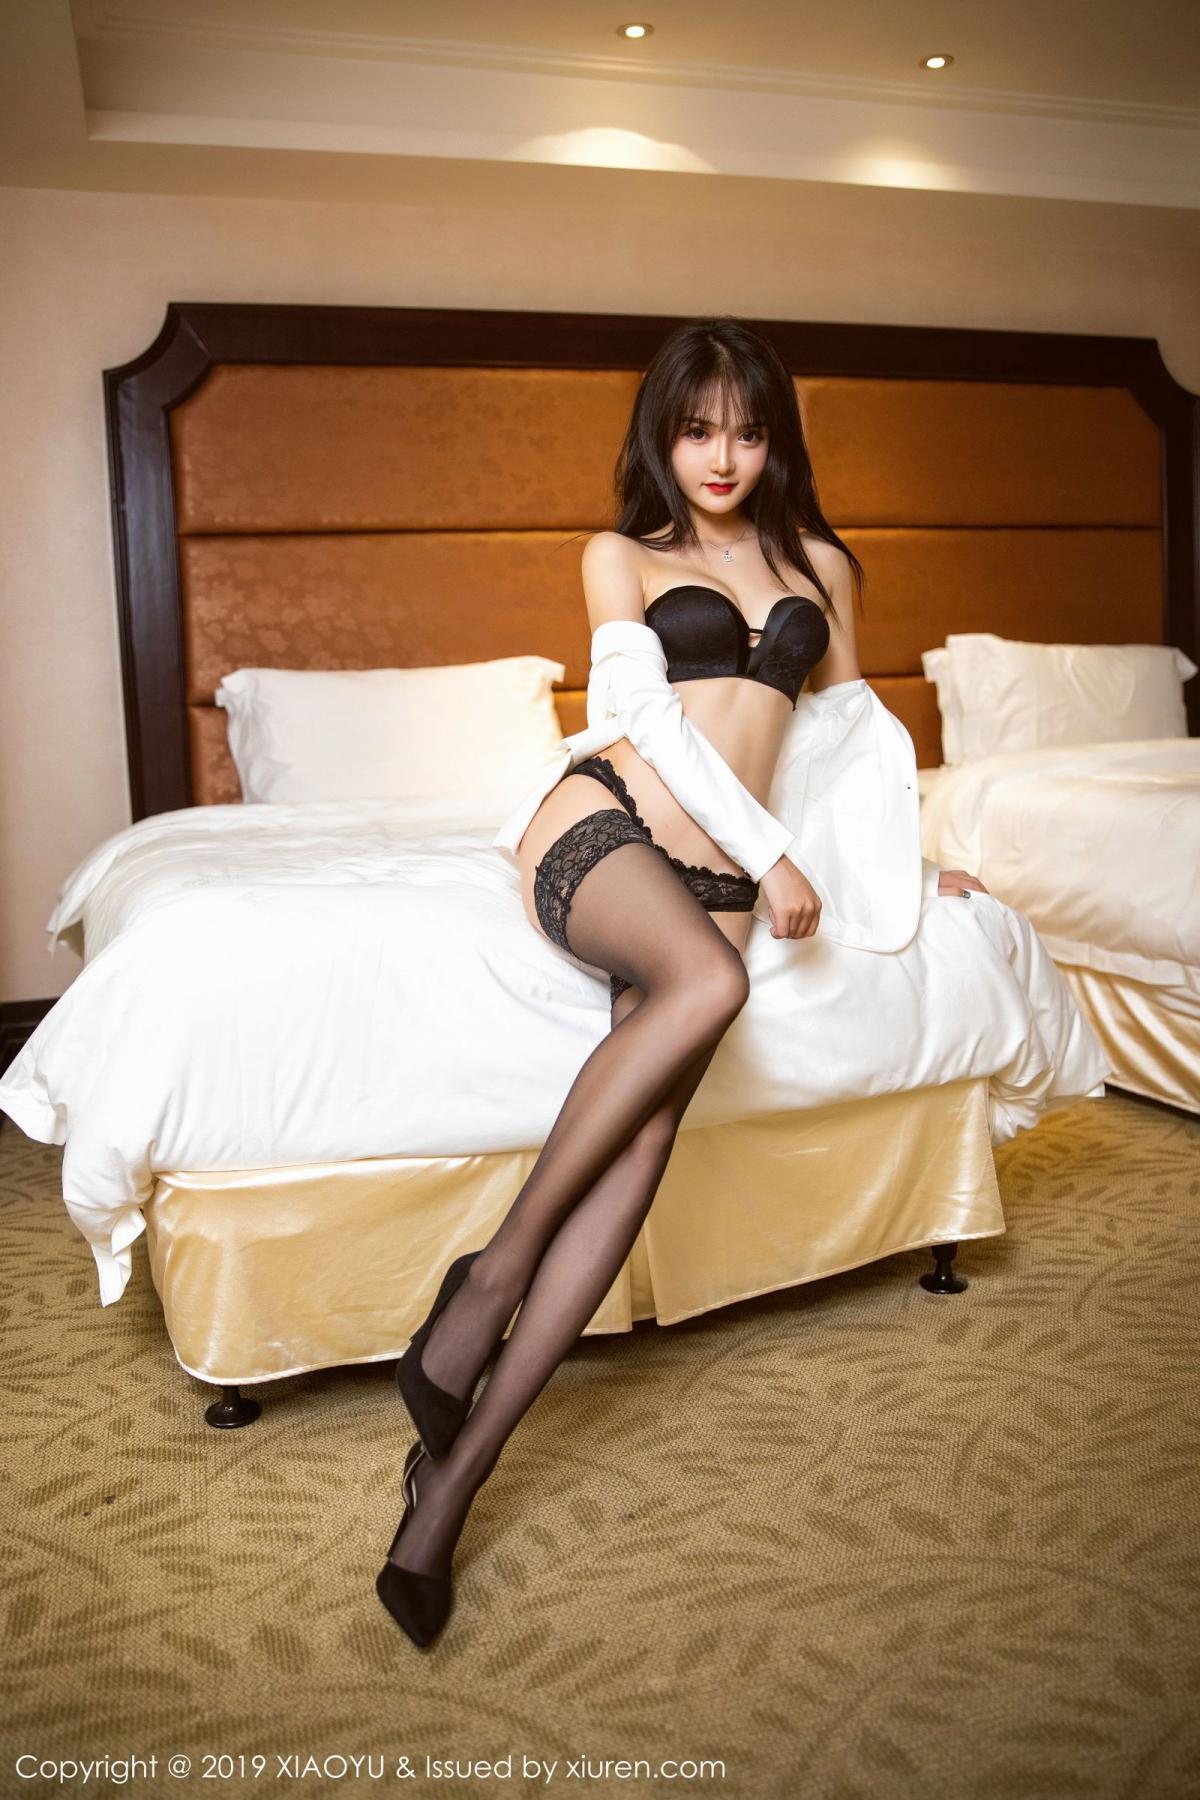 [XiaoYu] Vol.200 Miko Jiang 19P, Miko Jiang, Slim, Tall, Underwear, XiaoYu